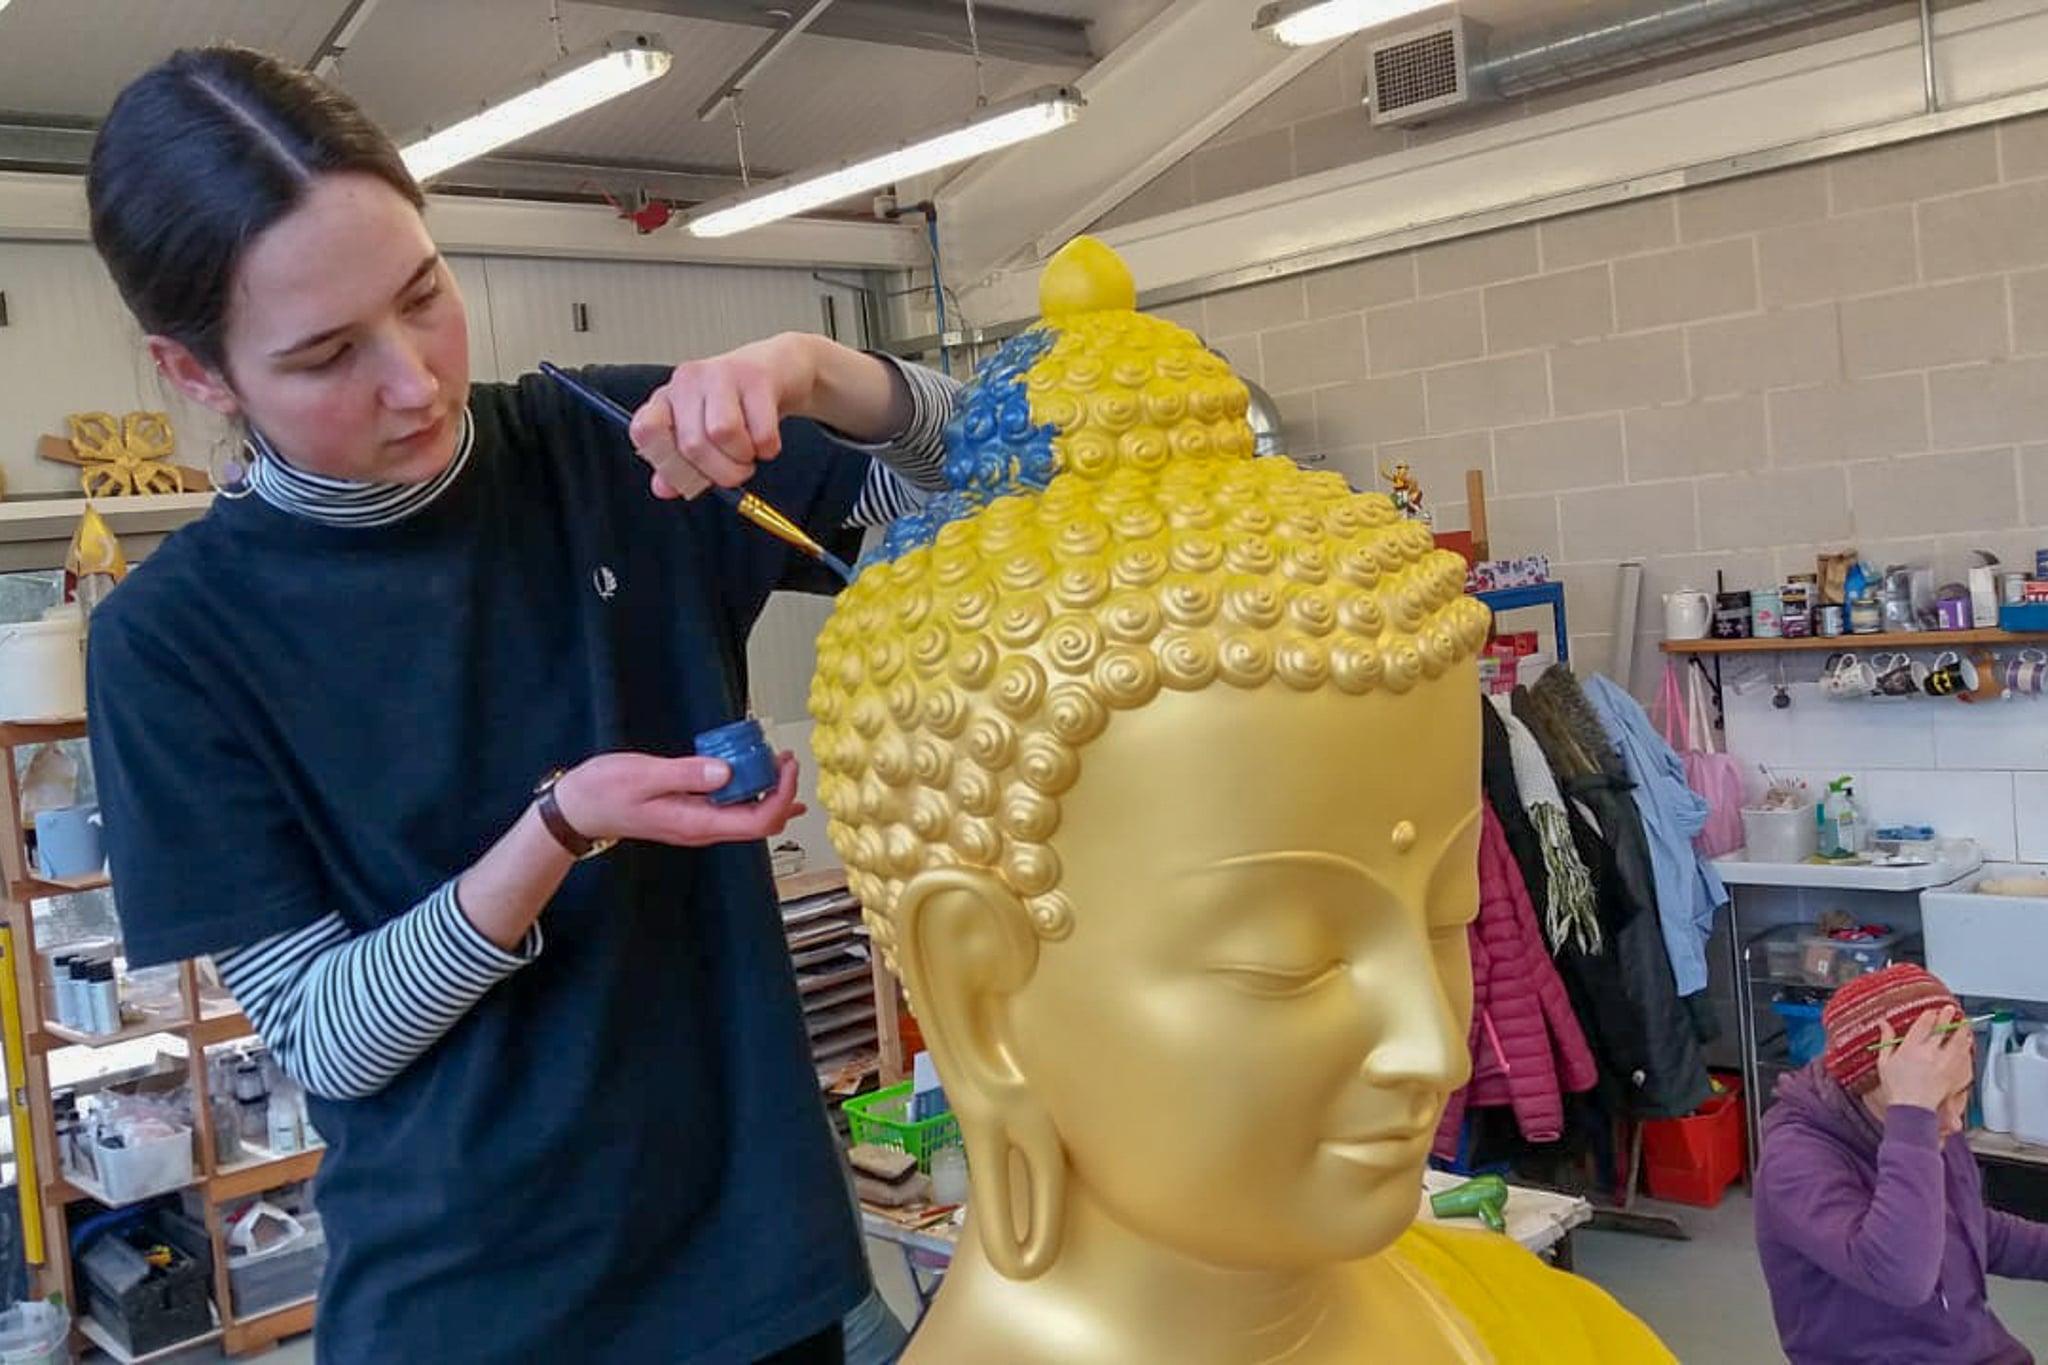 Kunststudio freiwilliger Mitarbeiter arbeitet an Buddha Statue